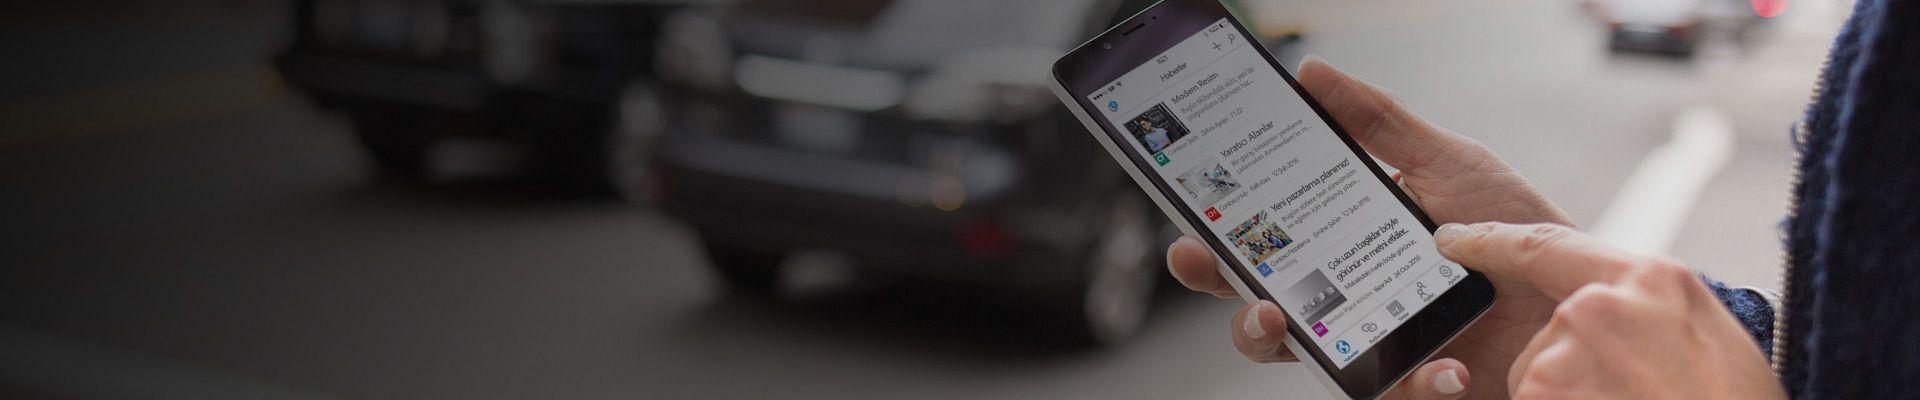 Sitelerden SharePoint haberlerini görüntüleyen bir akıllı telefon